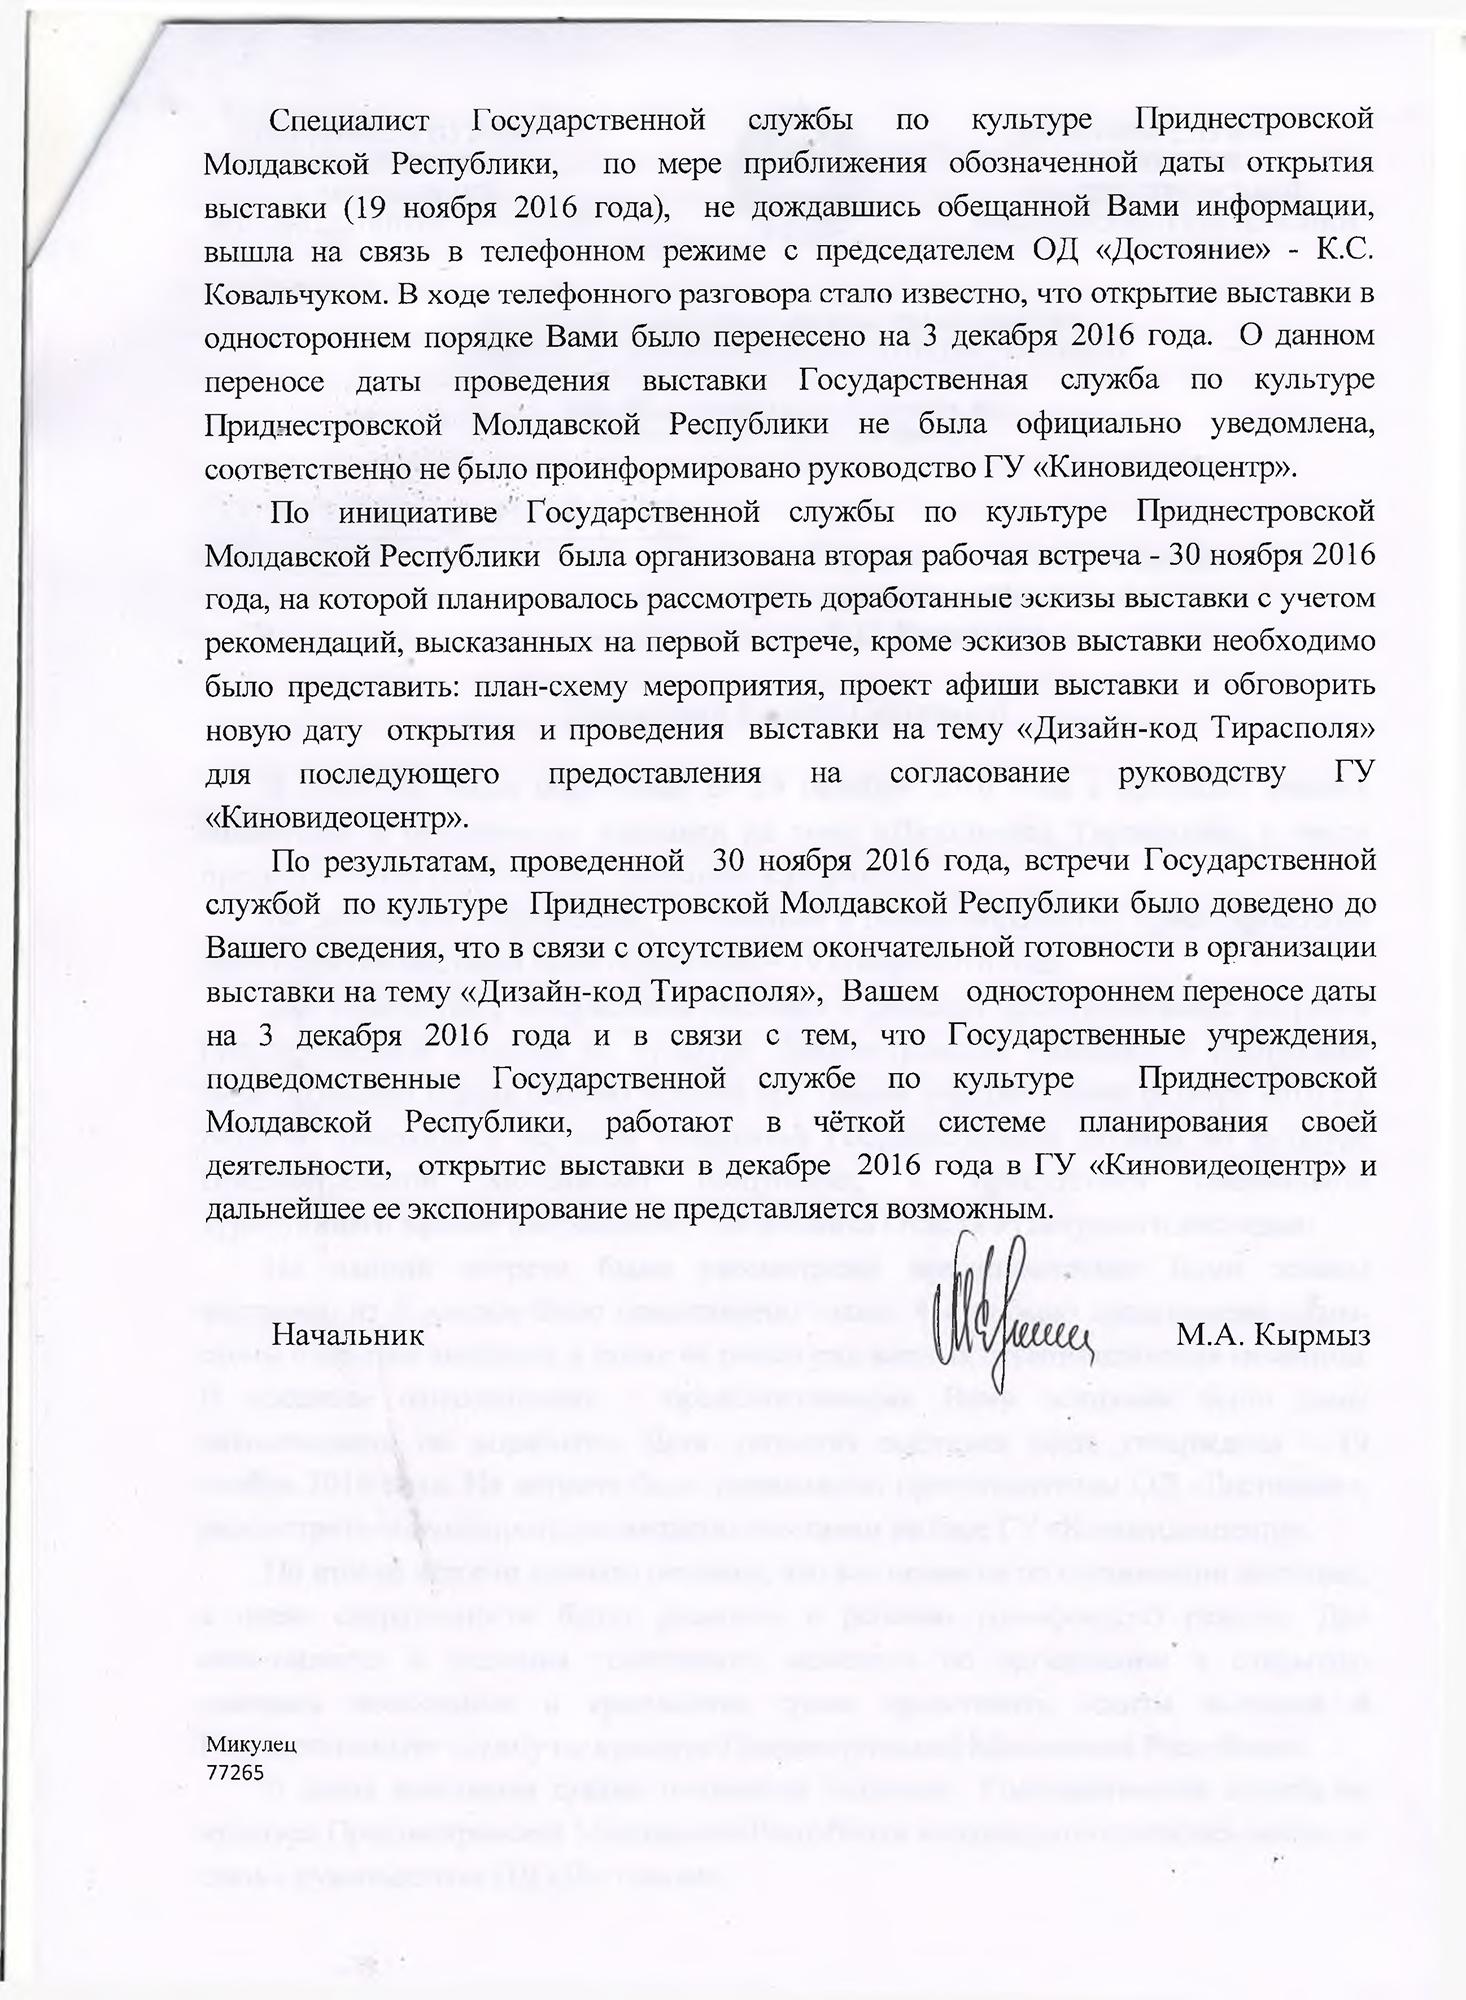 Официальный отказ в просьбе оказания содействия в проведении выставки «Дизайн–код Тирасполя»